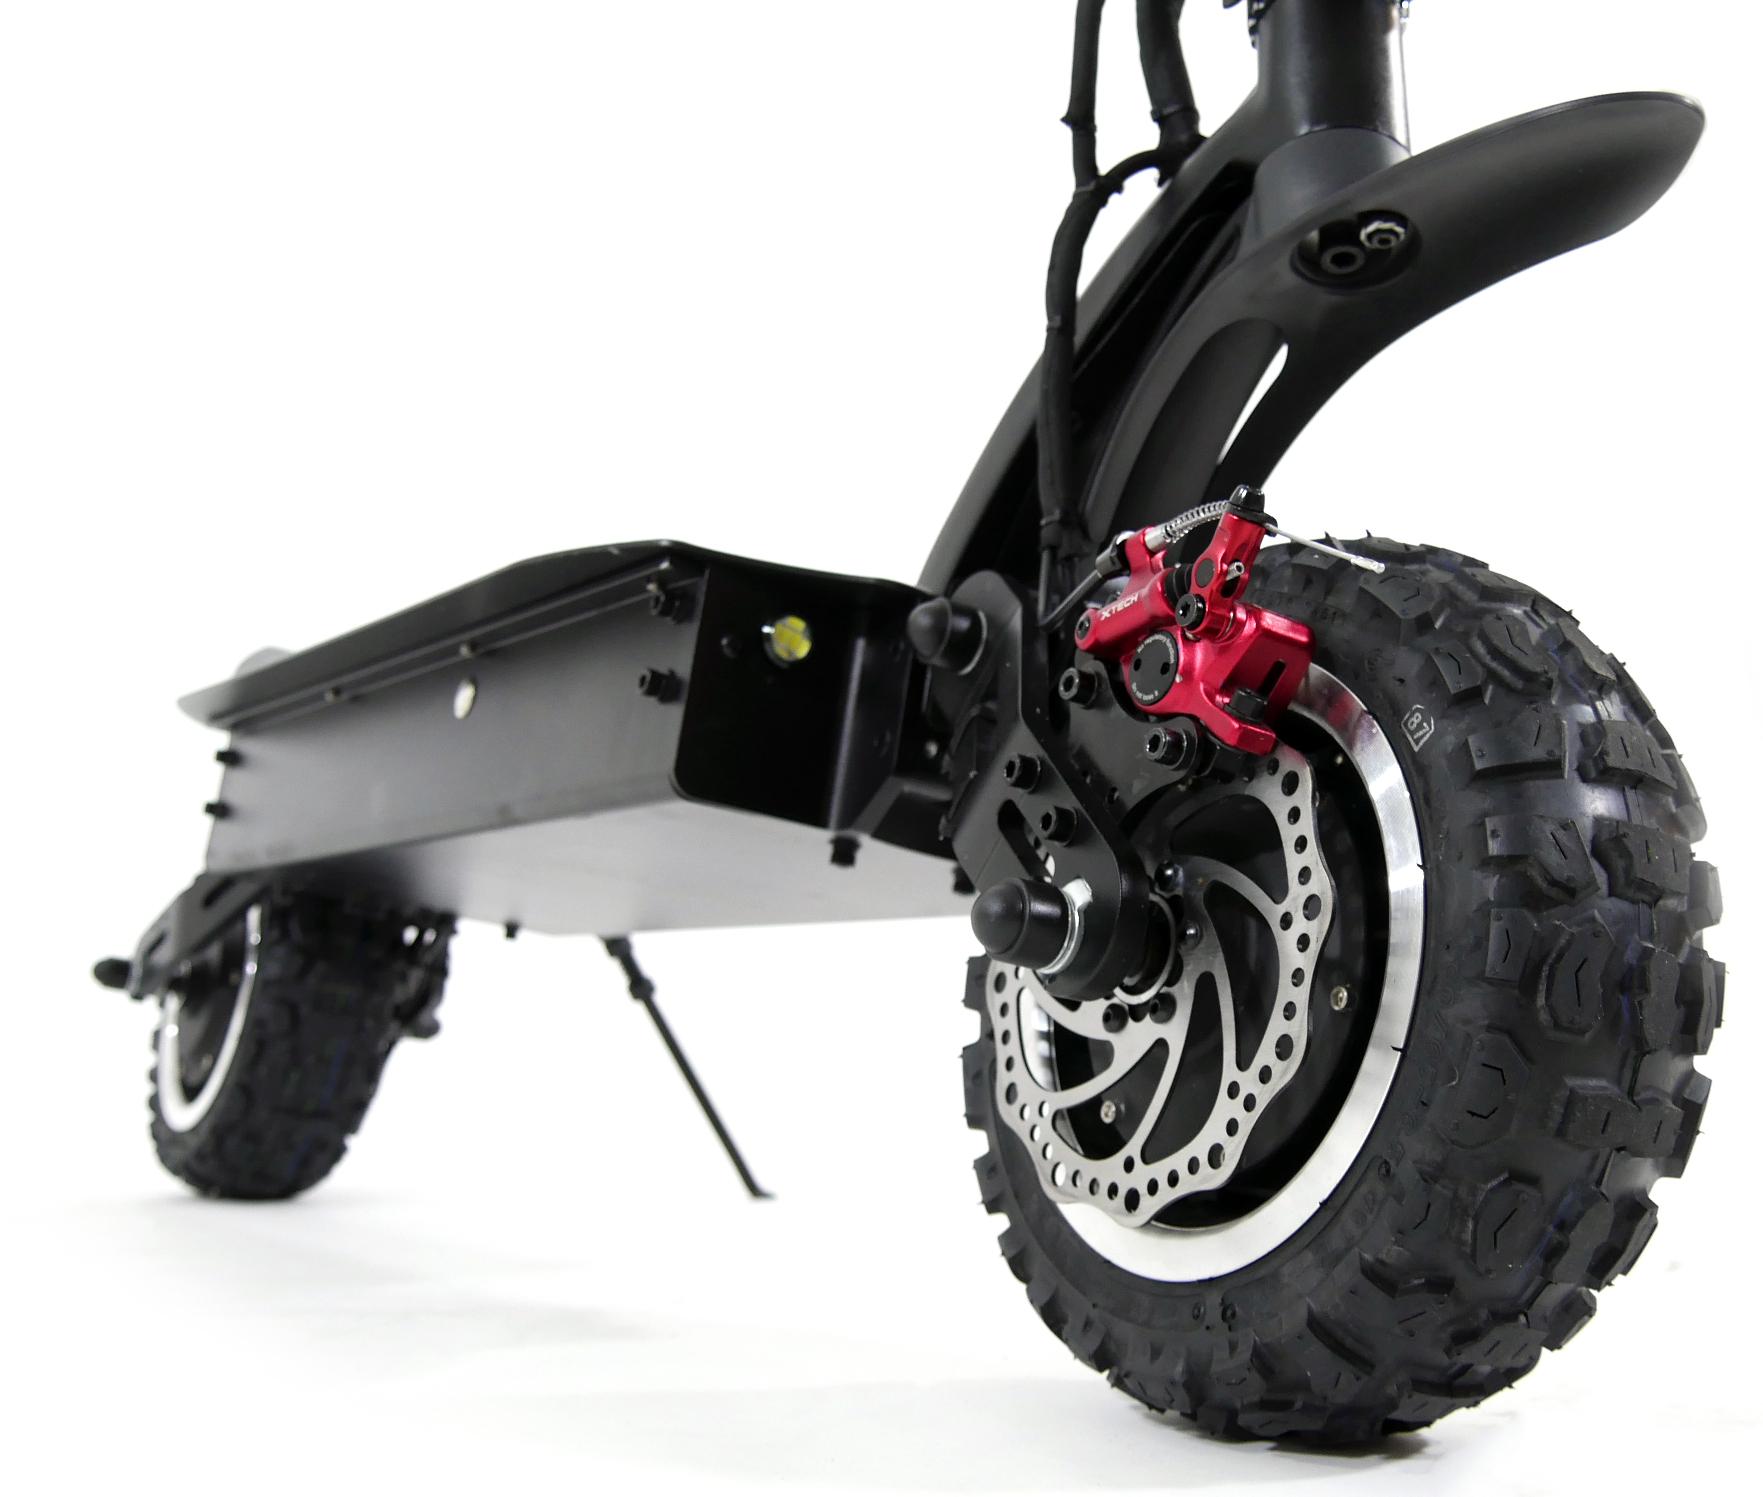 trottinette-electrique-2800w-imperator-e-road-roue-avant.jpg